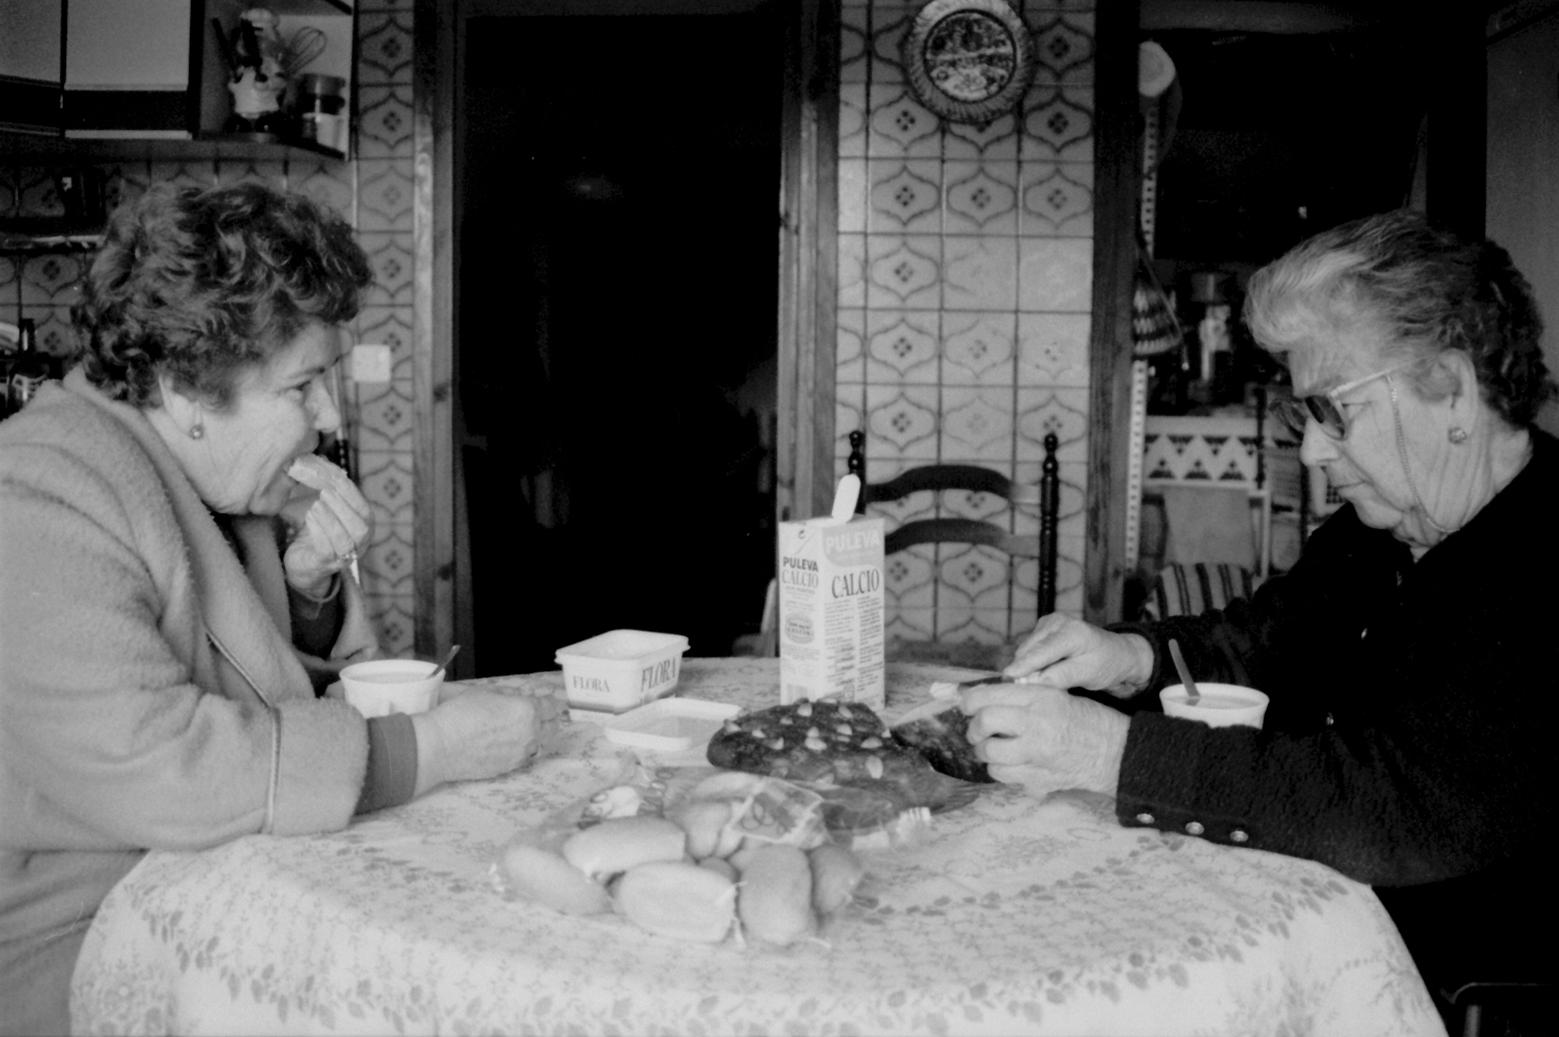 Nannen y Fina desayunando.